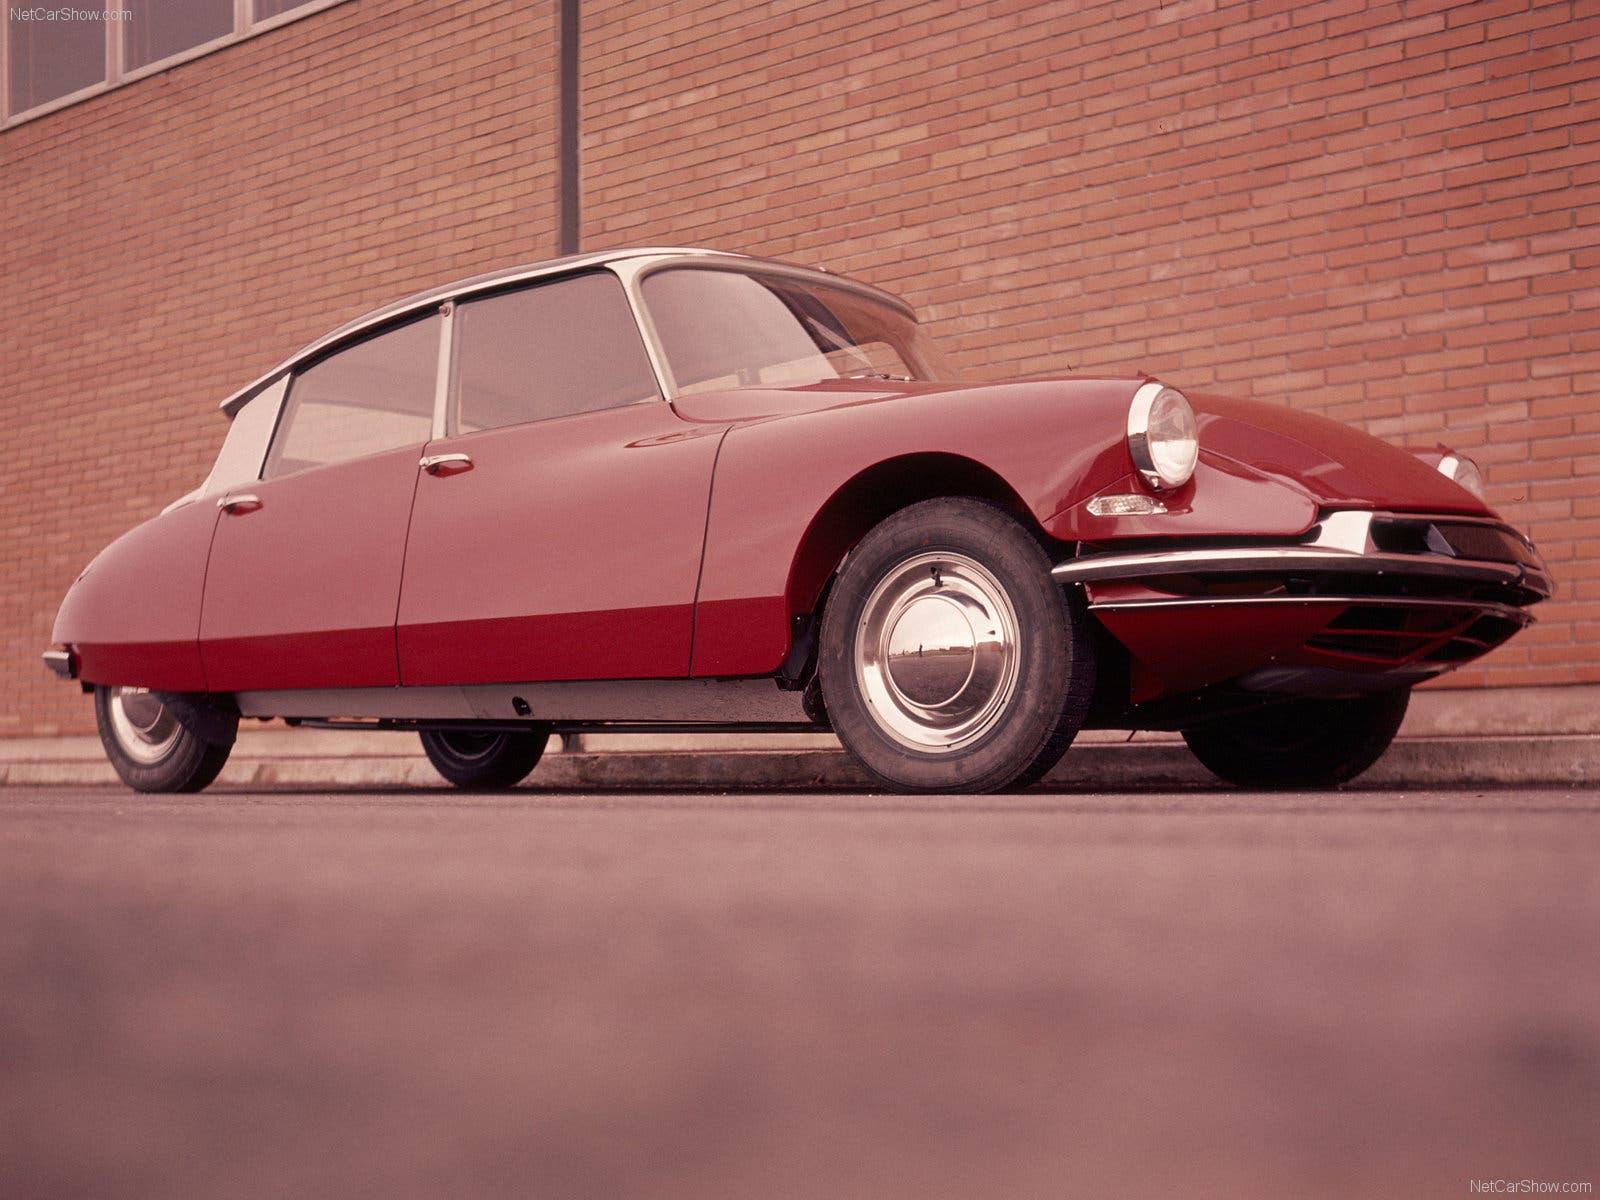 Vorgänger und Namensgeber der französischen Luxusmarke: Die Citroën DS war der Inbegriff der französischen Luxuslimousine und beeindruckte Ende der 50er Jahre mit Komfort und innovativer Technik.